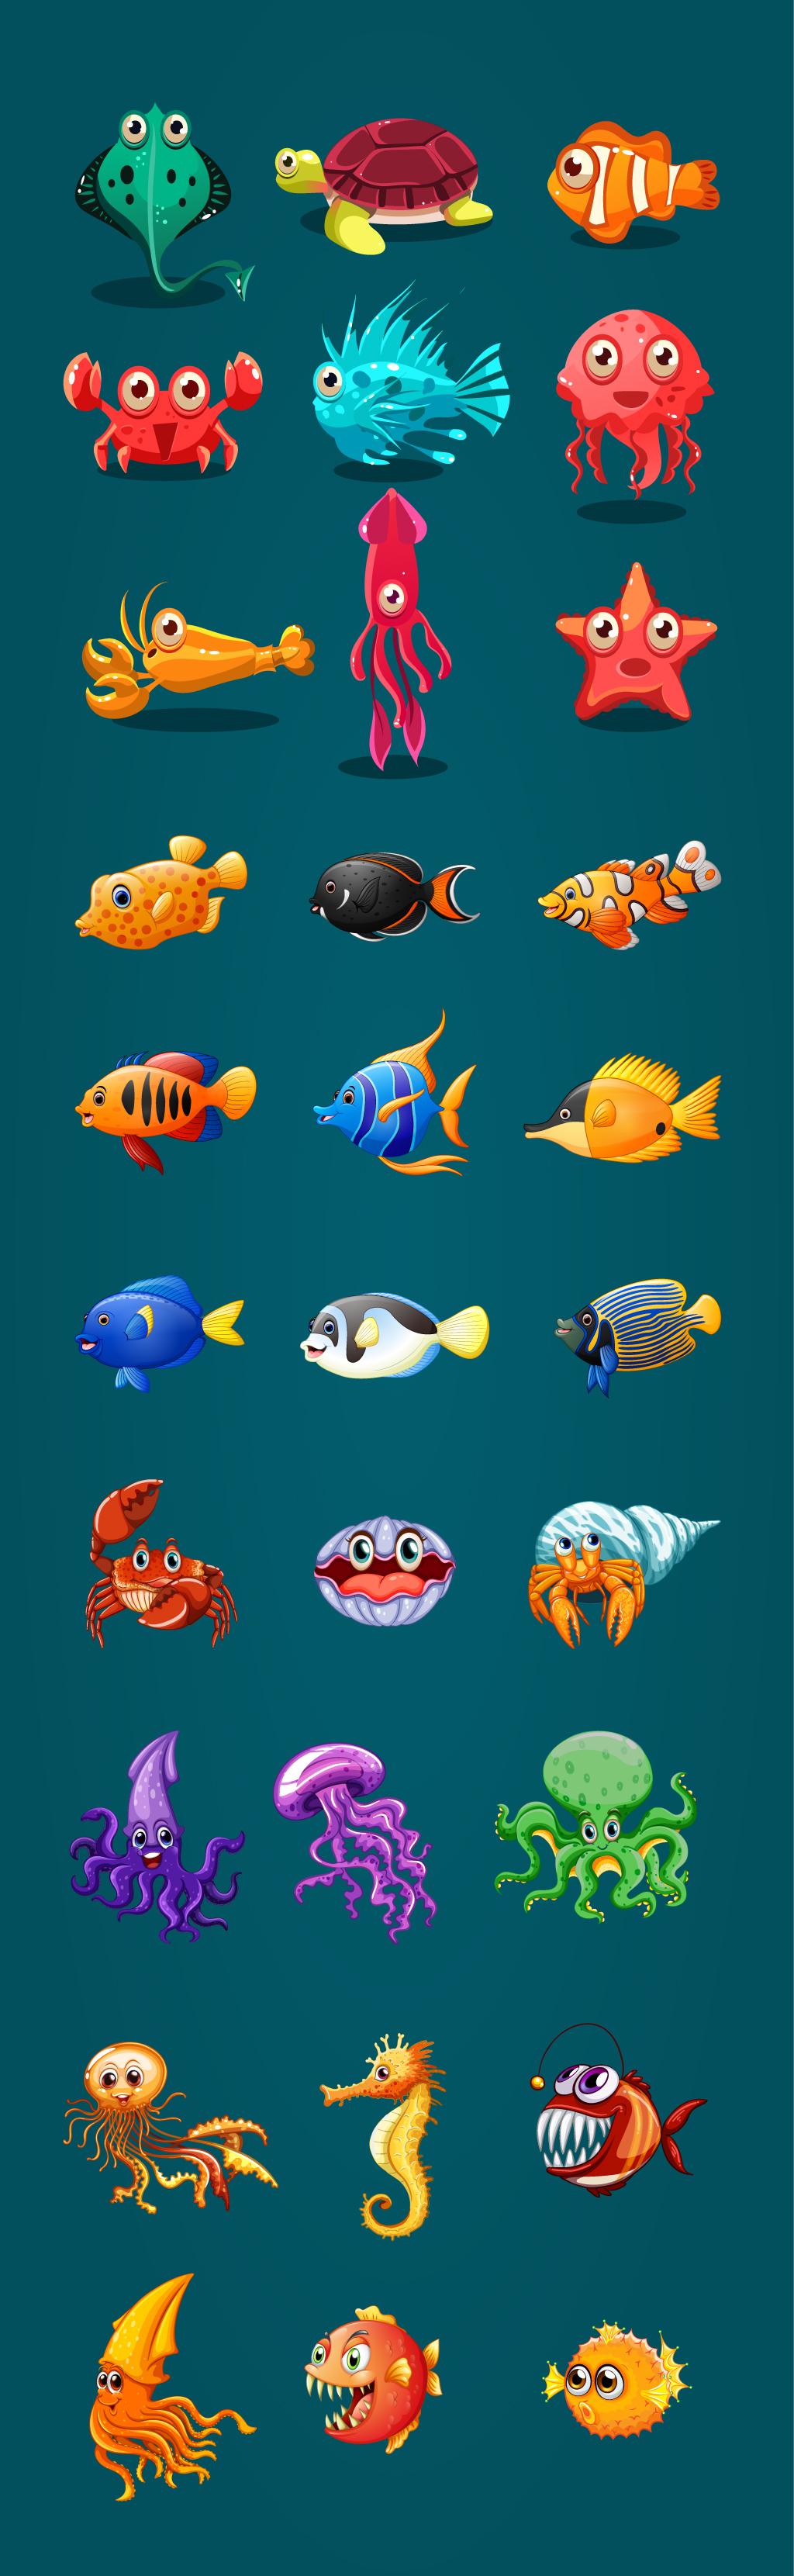 海报设计素材海洋动物海马热带鱼螃蟹插图